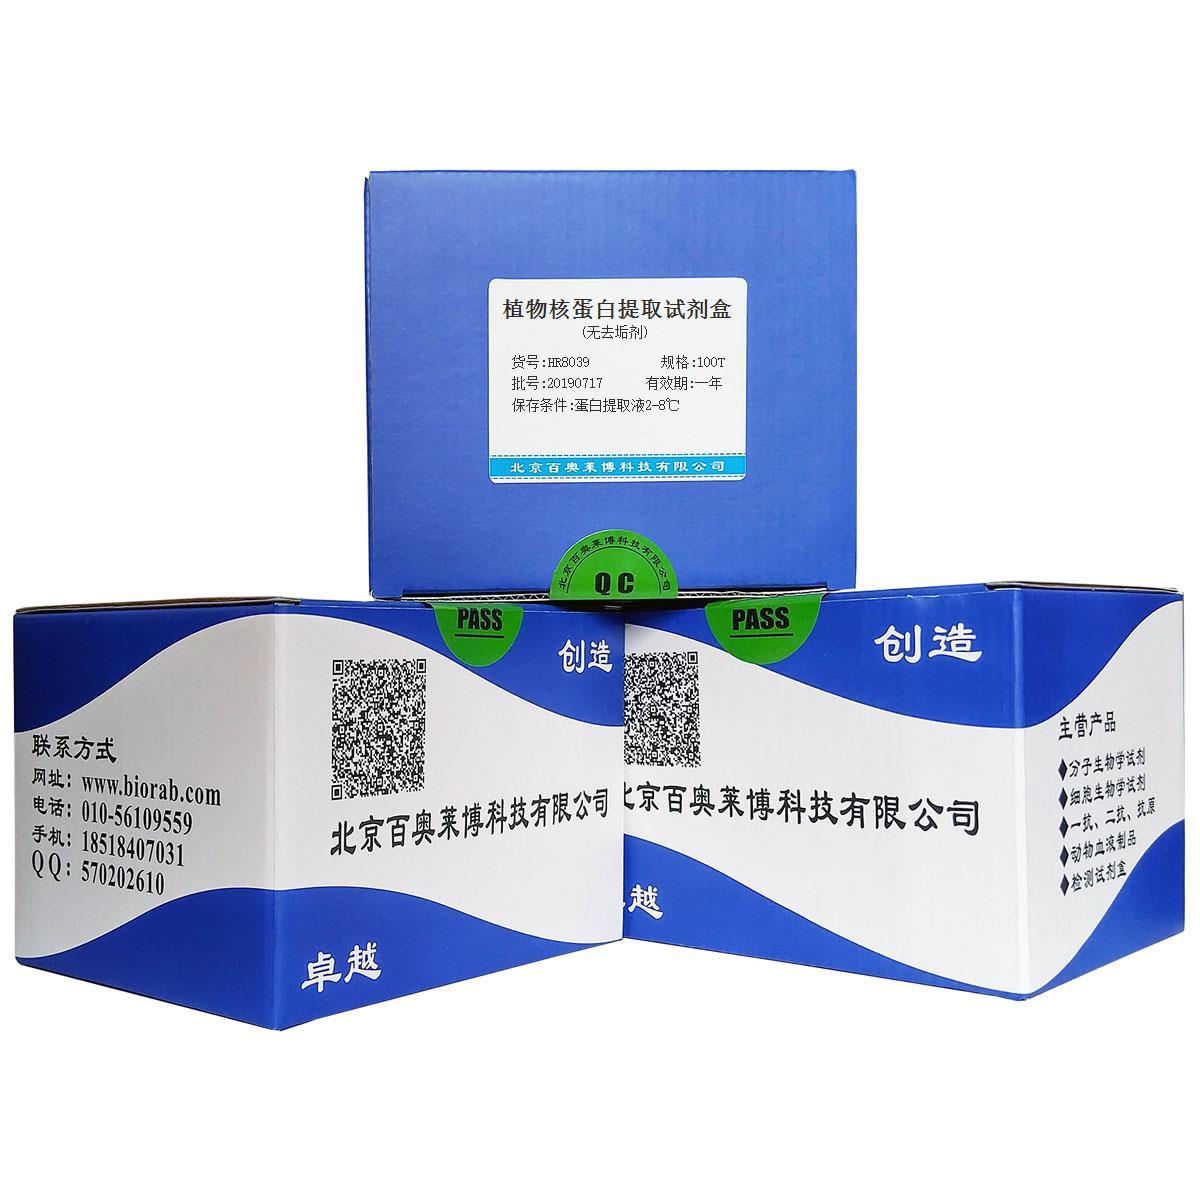 植物核蛋白提取试剂盒(无去垢剂)价格